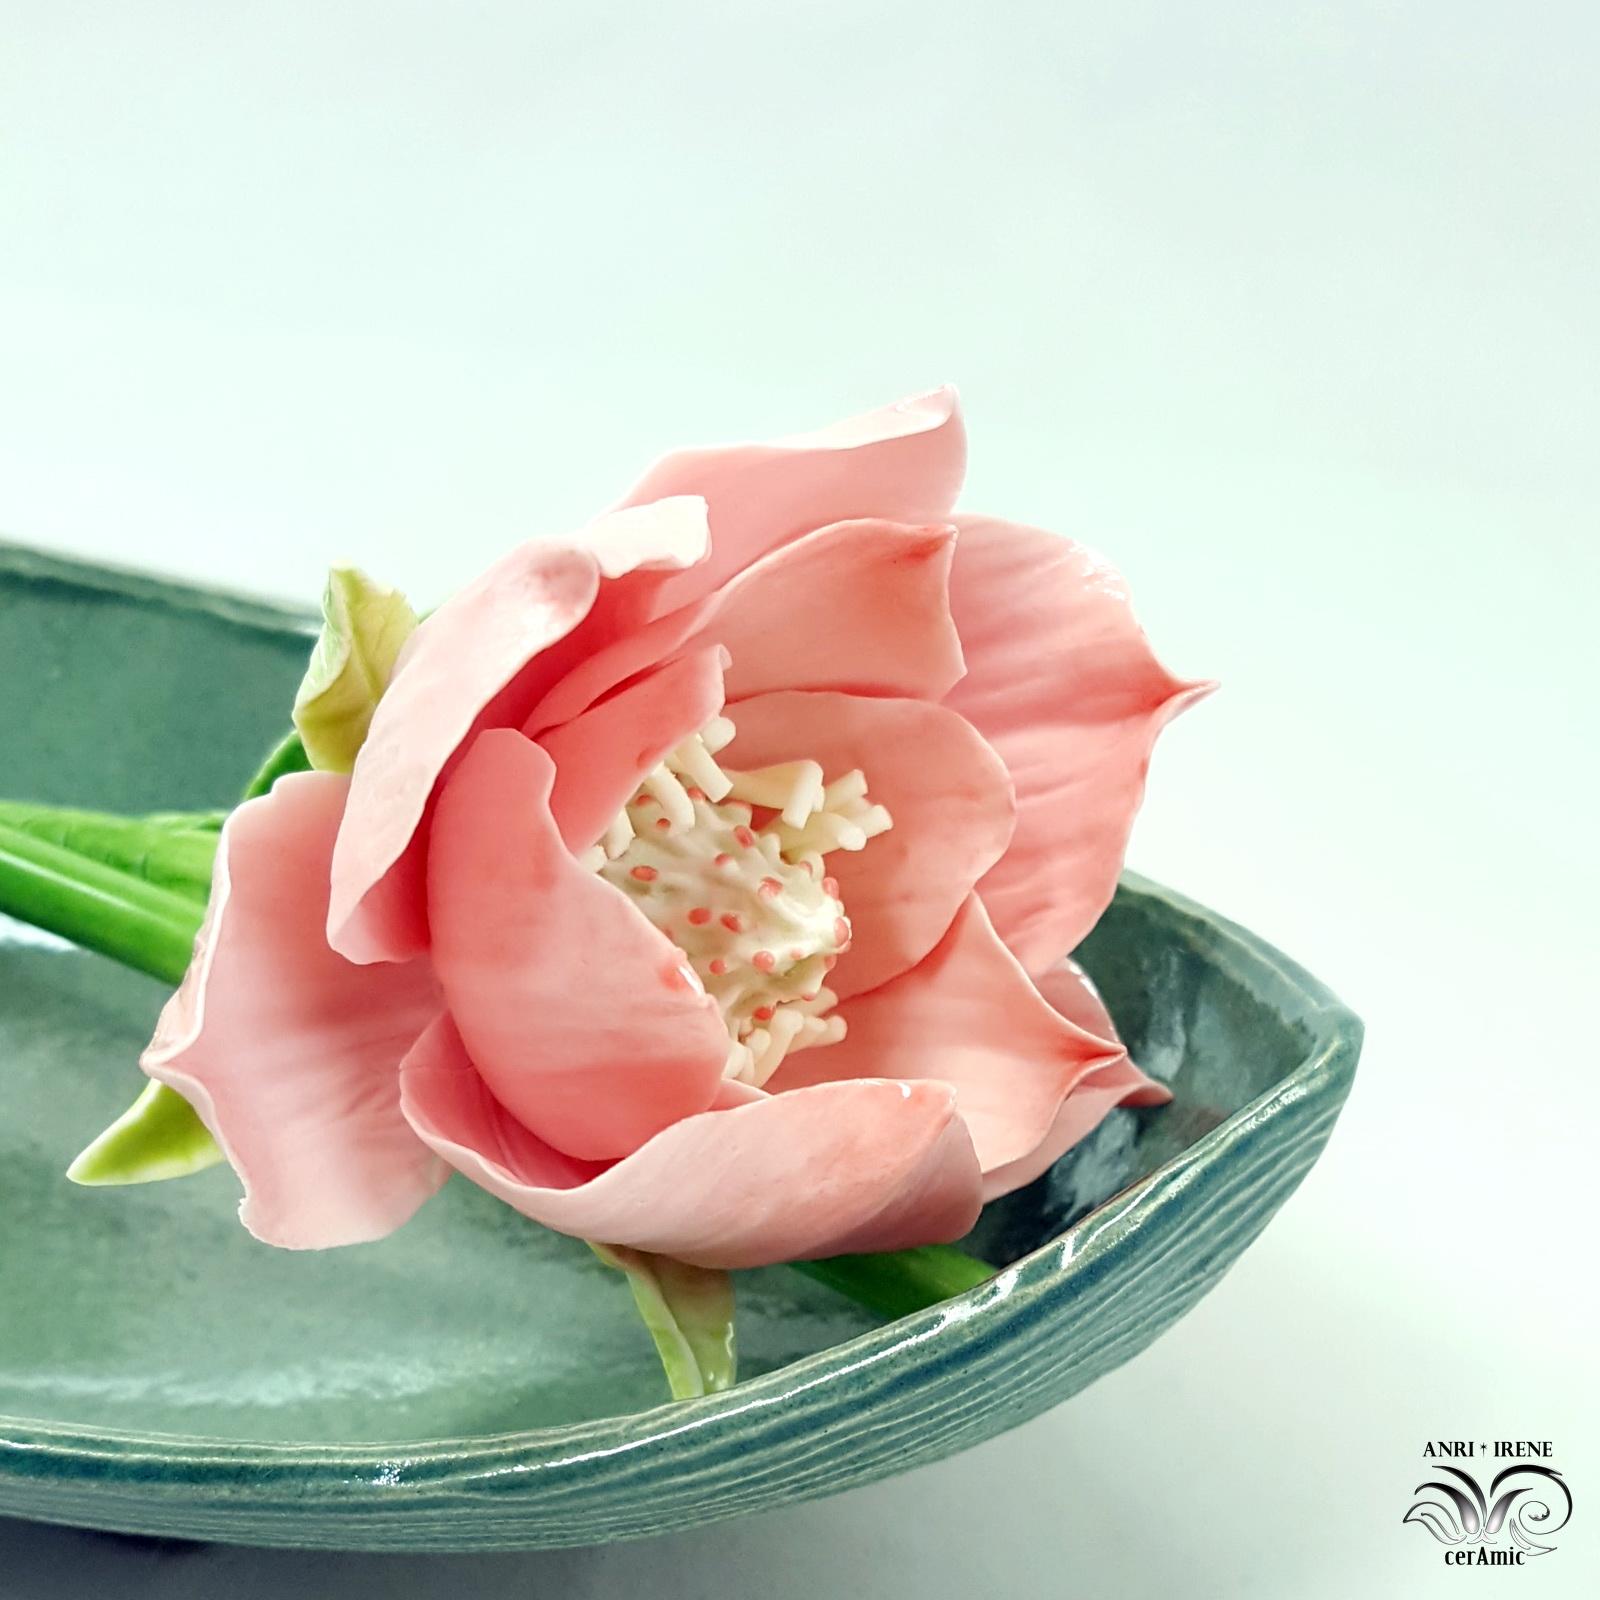 Ceramic magnolia